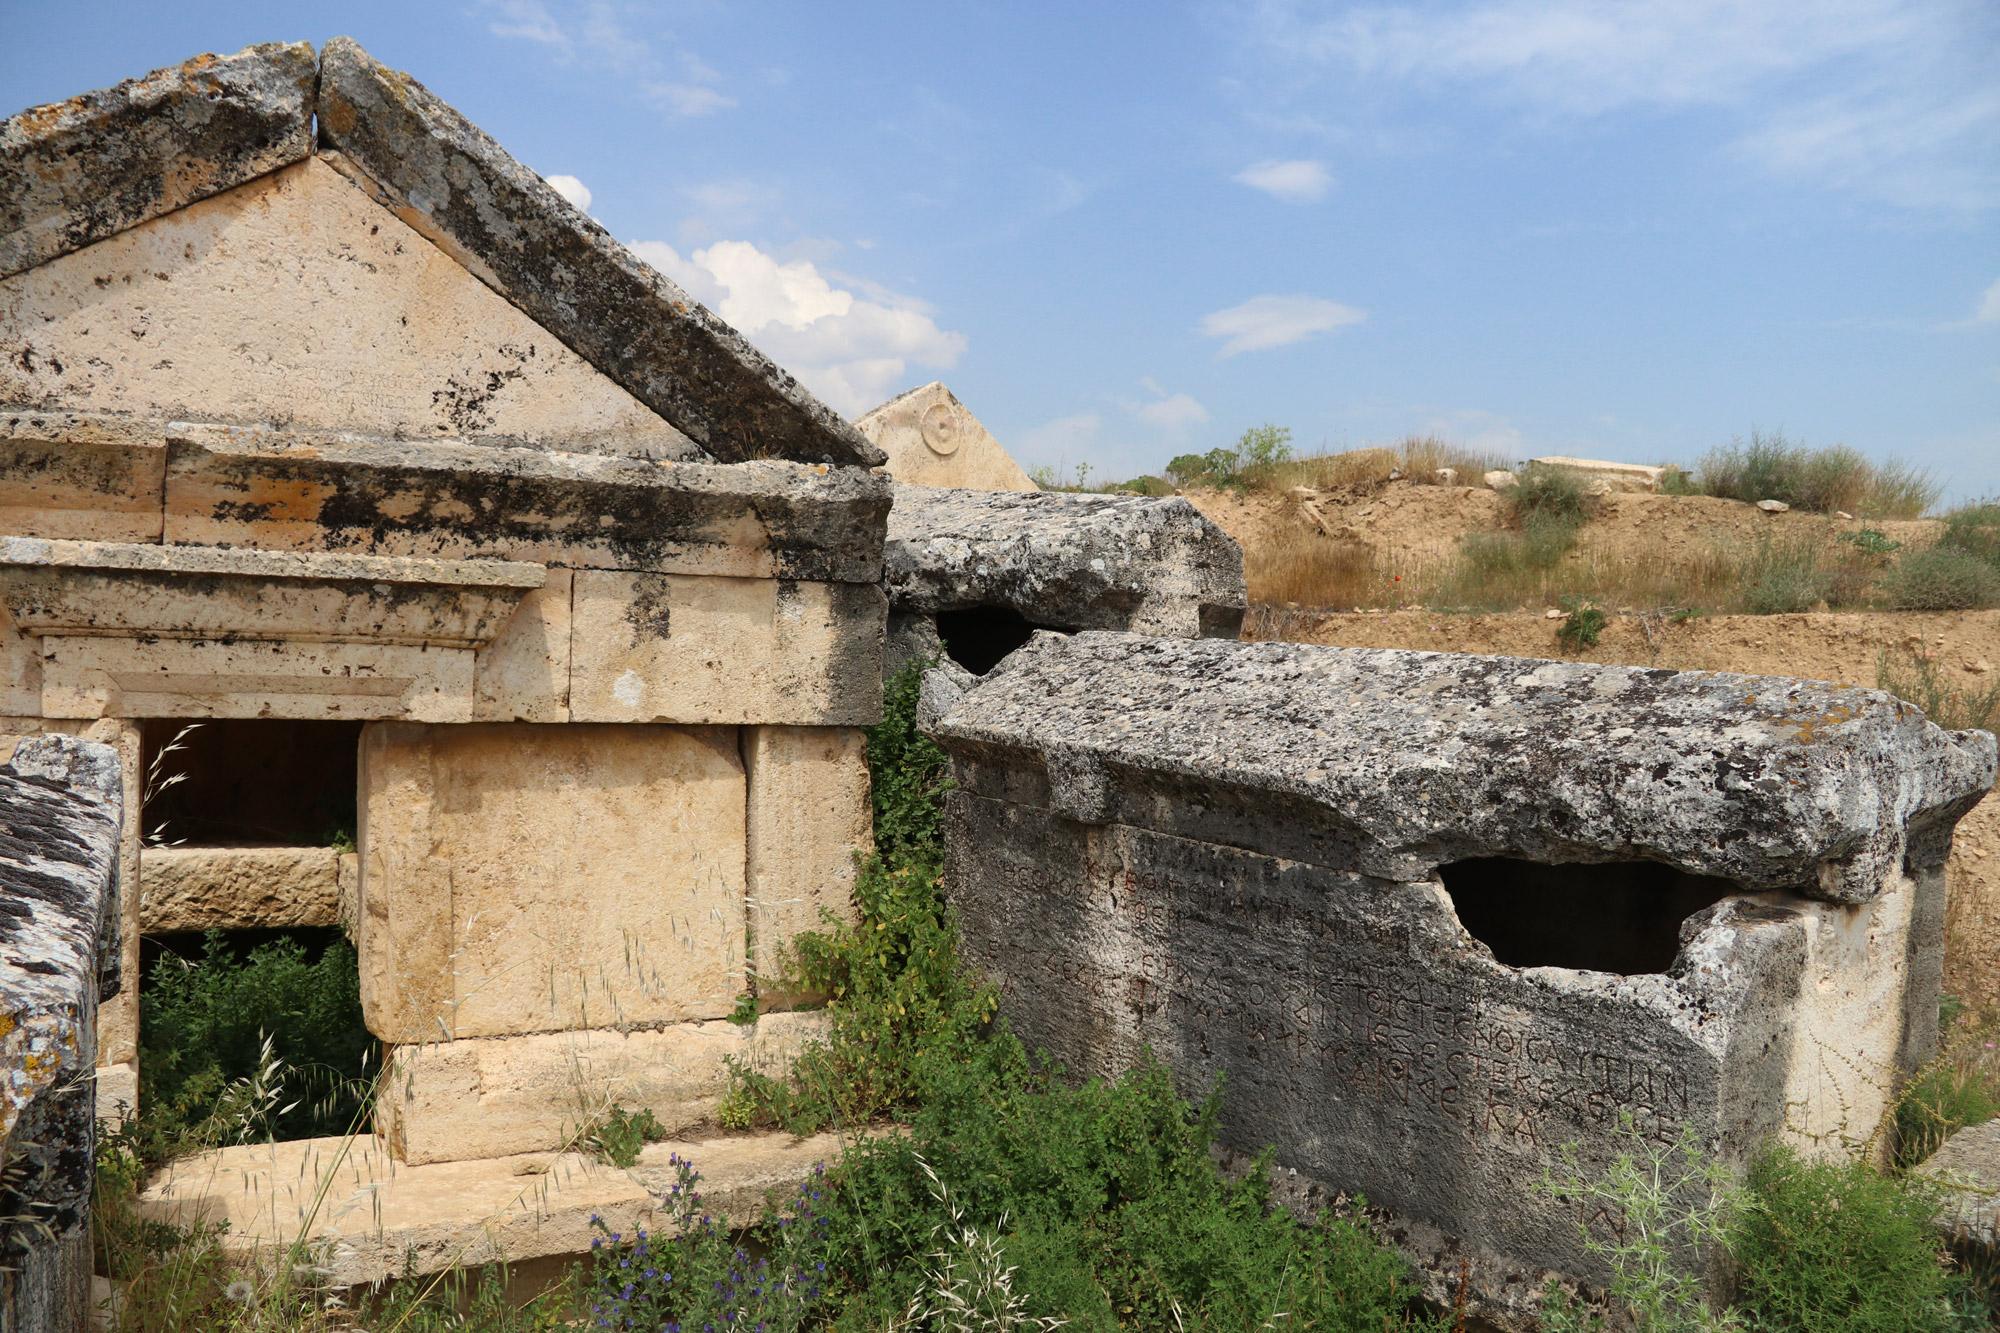 Turkije reisverslag: Pamukkale en Hiërapolis - Graven van Necropolis